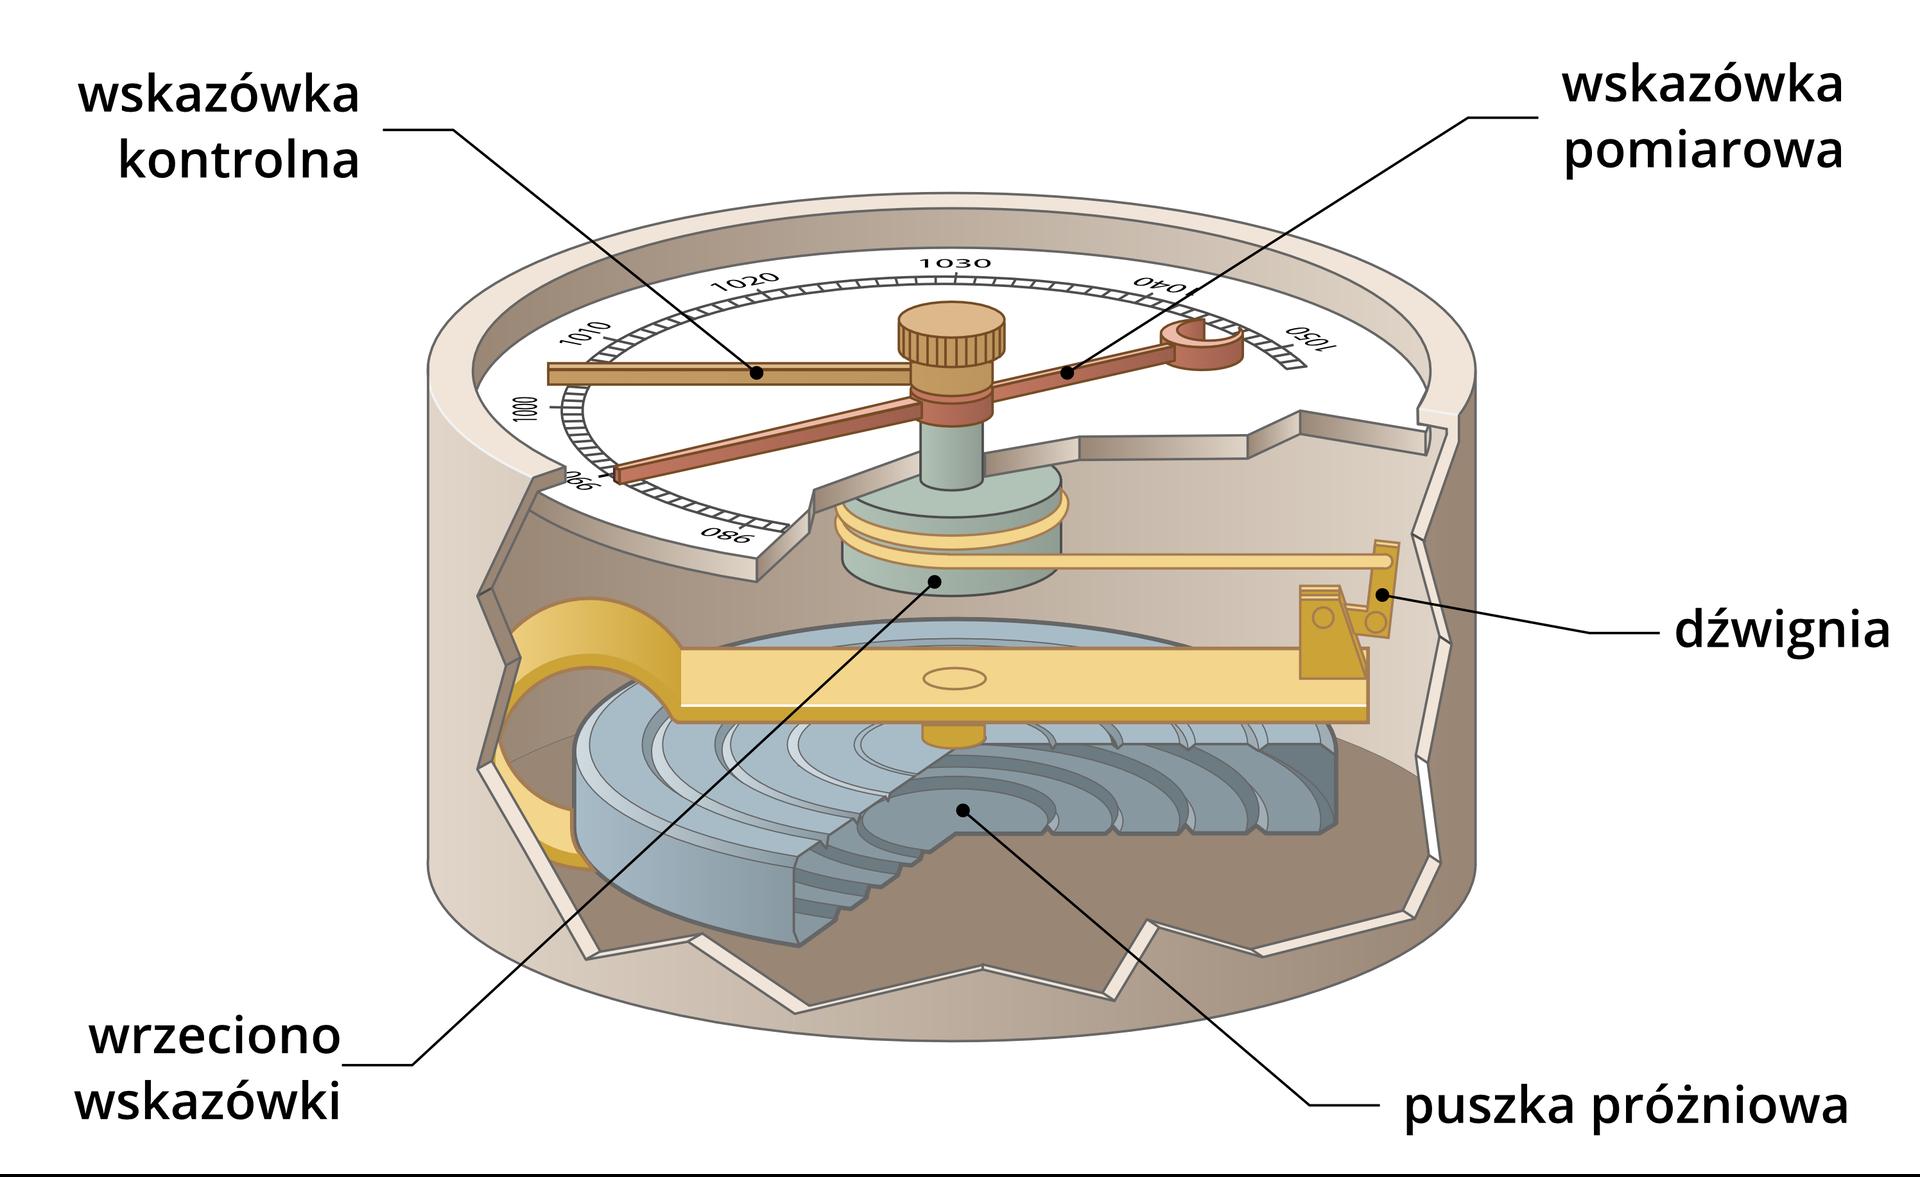 Ilustracja przedstawia barometr, który jest urządzeniem służącym do pomiaru ciśnienia atmosferycznego. Główną częścią barometru jest metalowa puszka próżniowa, szczelnie zamknięta. Górna część puszki to płaska tarcza, na której znajduje się podziałka pomiarowa. Dokładnie wśrodku tarczy, zamocowane są dwie wskazówki, górna wskazówka to wskazówka kontrolna adolna to wskazówka pomiarowa. Wskazówki poruszają się na małym słupku, który jest częścią wrzeciona ukrytego pod tarczą. Wokół wrzeciona wkształcie walca owinięta jest końcówka dźwigni.